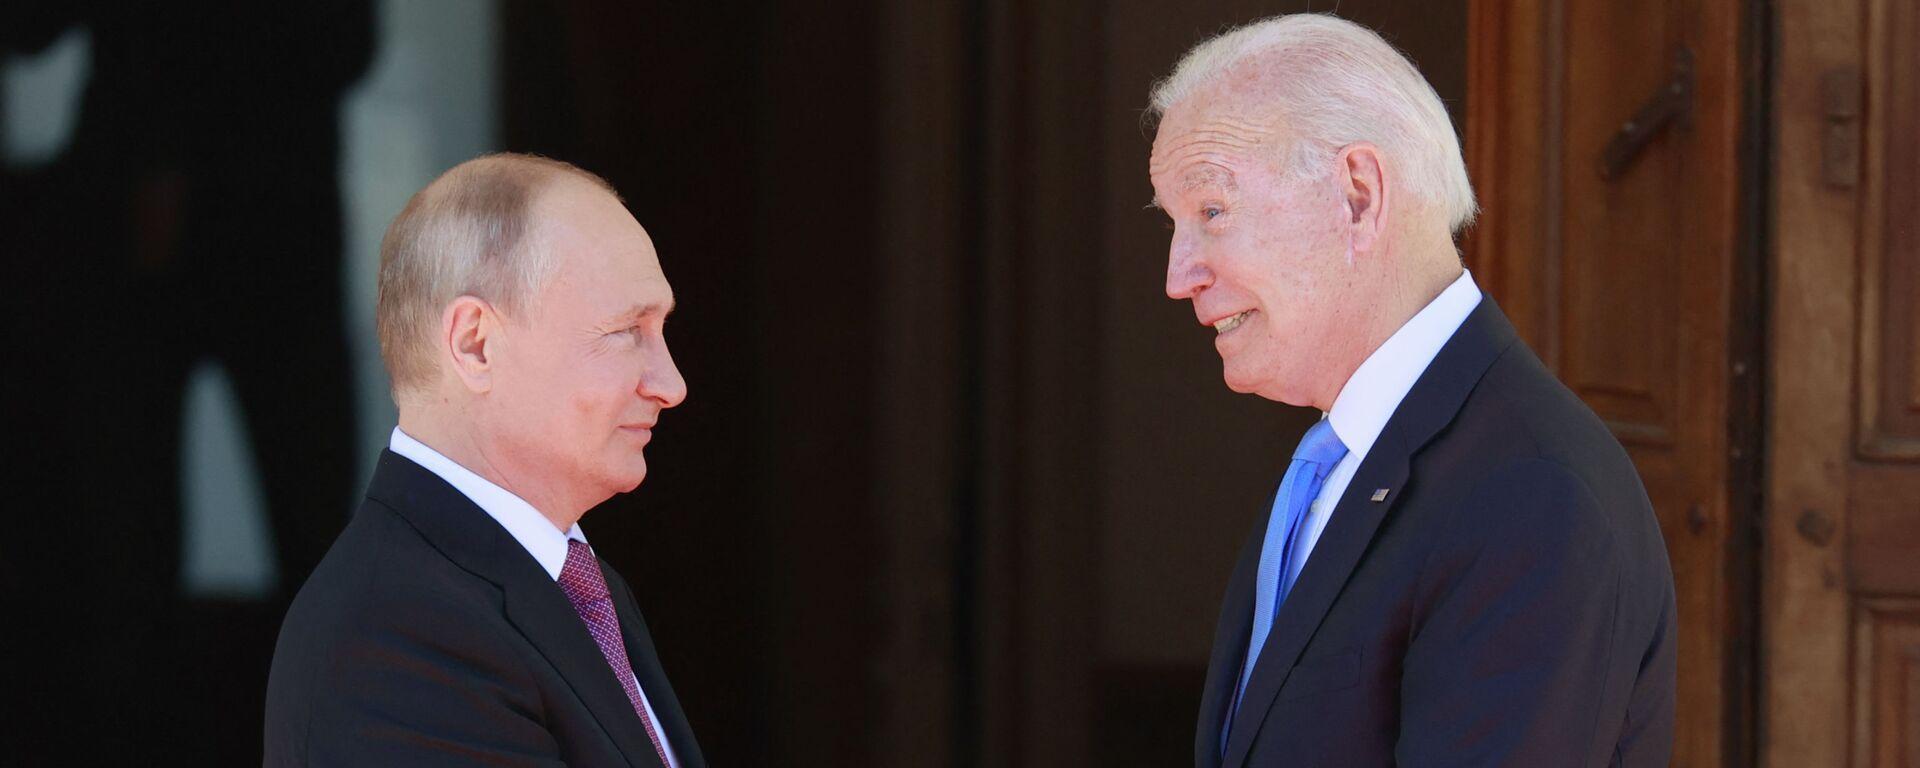 Ruský prezident Vladimir Putin na jednáních s americkým prezidentem Joe Bidenem v Ženevě - Sputnik Česká republika, 1920, 16.06.2021